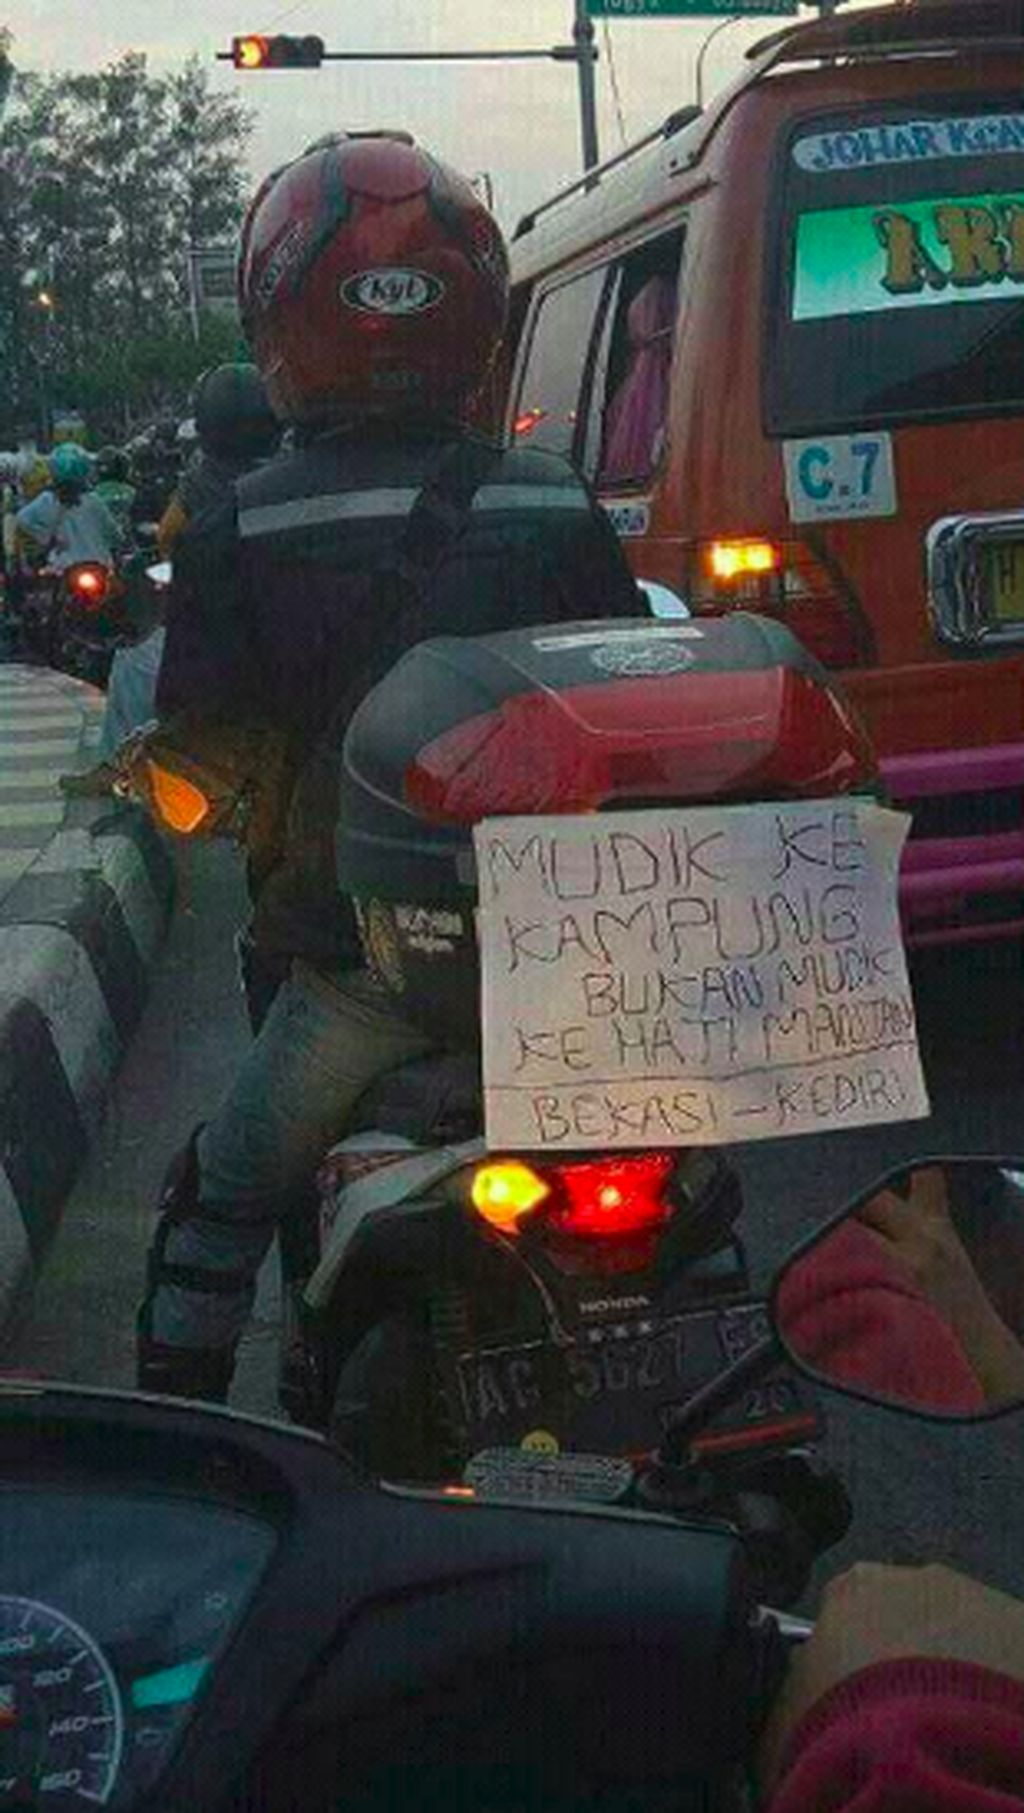 Biasanya tulisan ini banyak terpajang di para pengendara motor. Tak sedikit tulisannya mengandung humor, seakan-akan jadi penghibur di jalanan. Foto: Internet